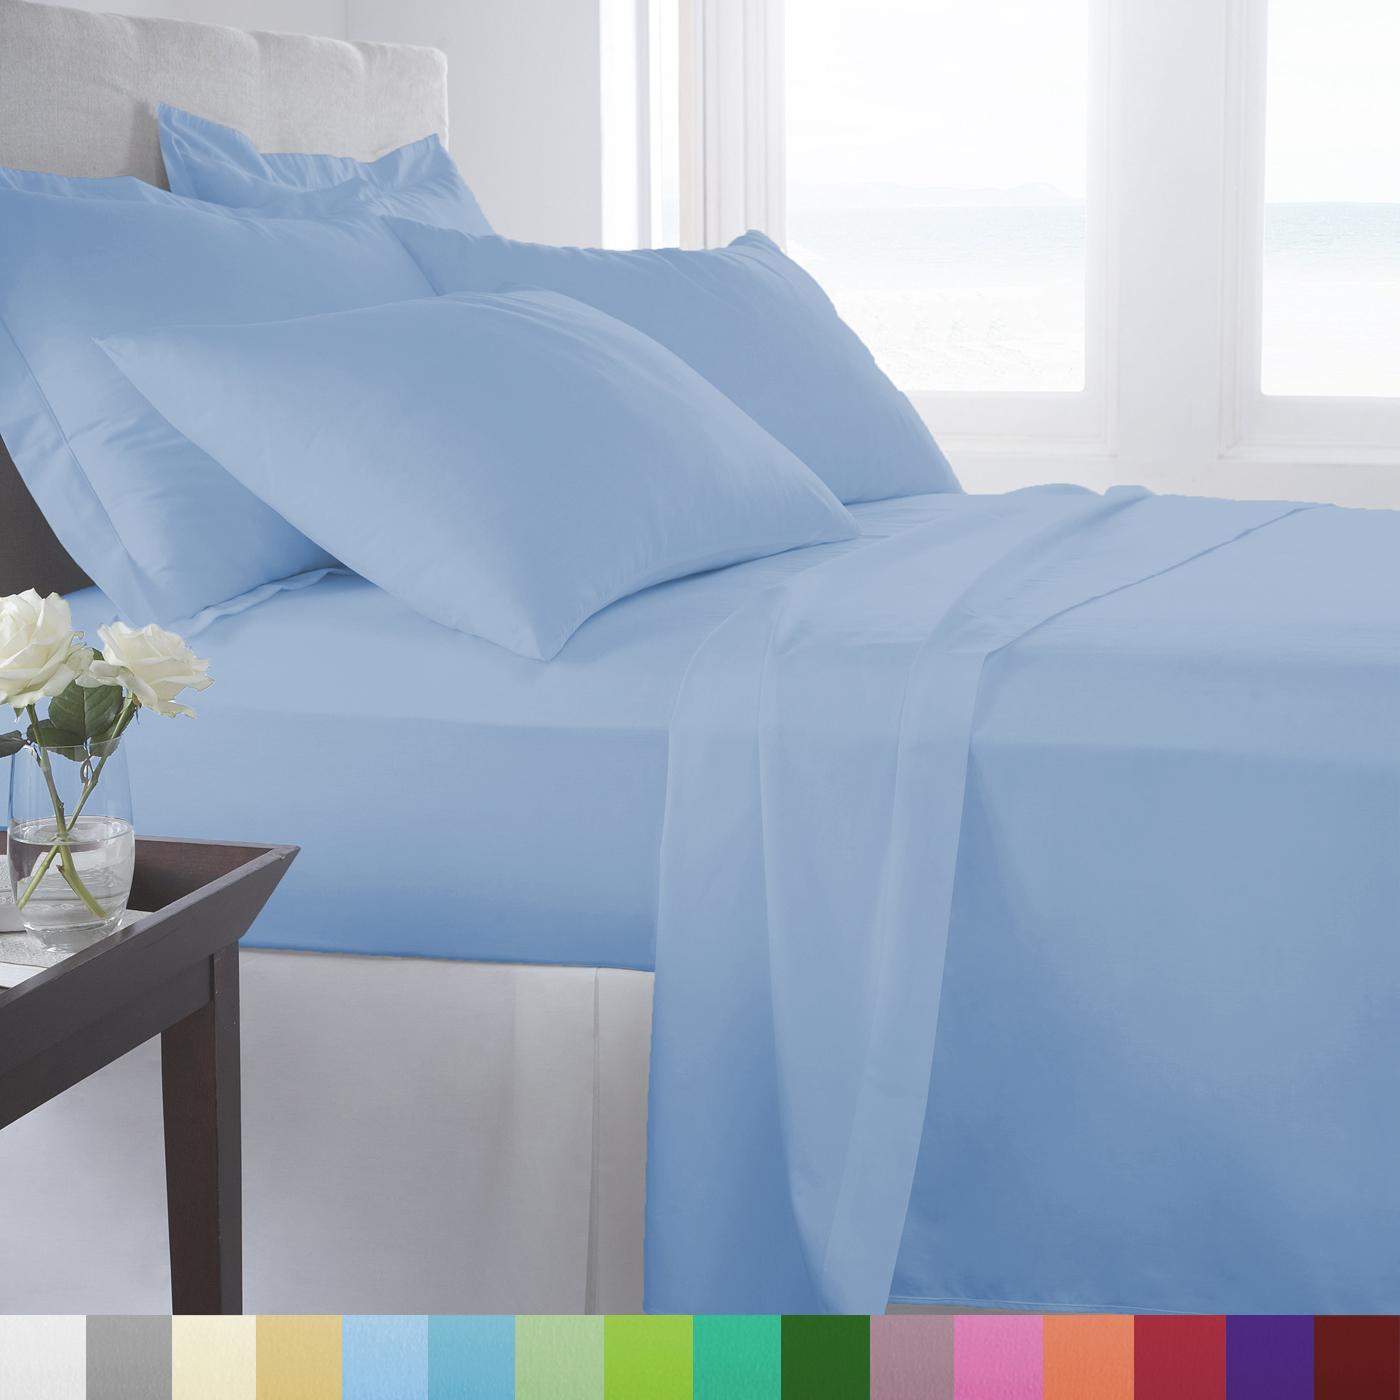 Supreme Super Soft 4 Piece Bed Sheet Set